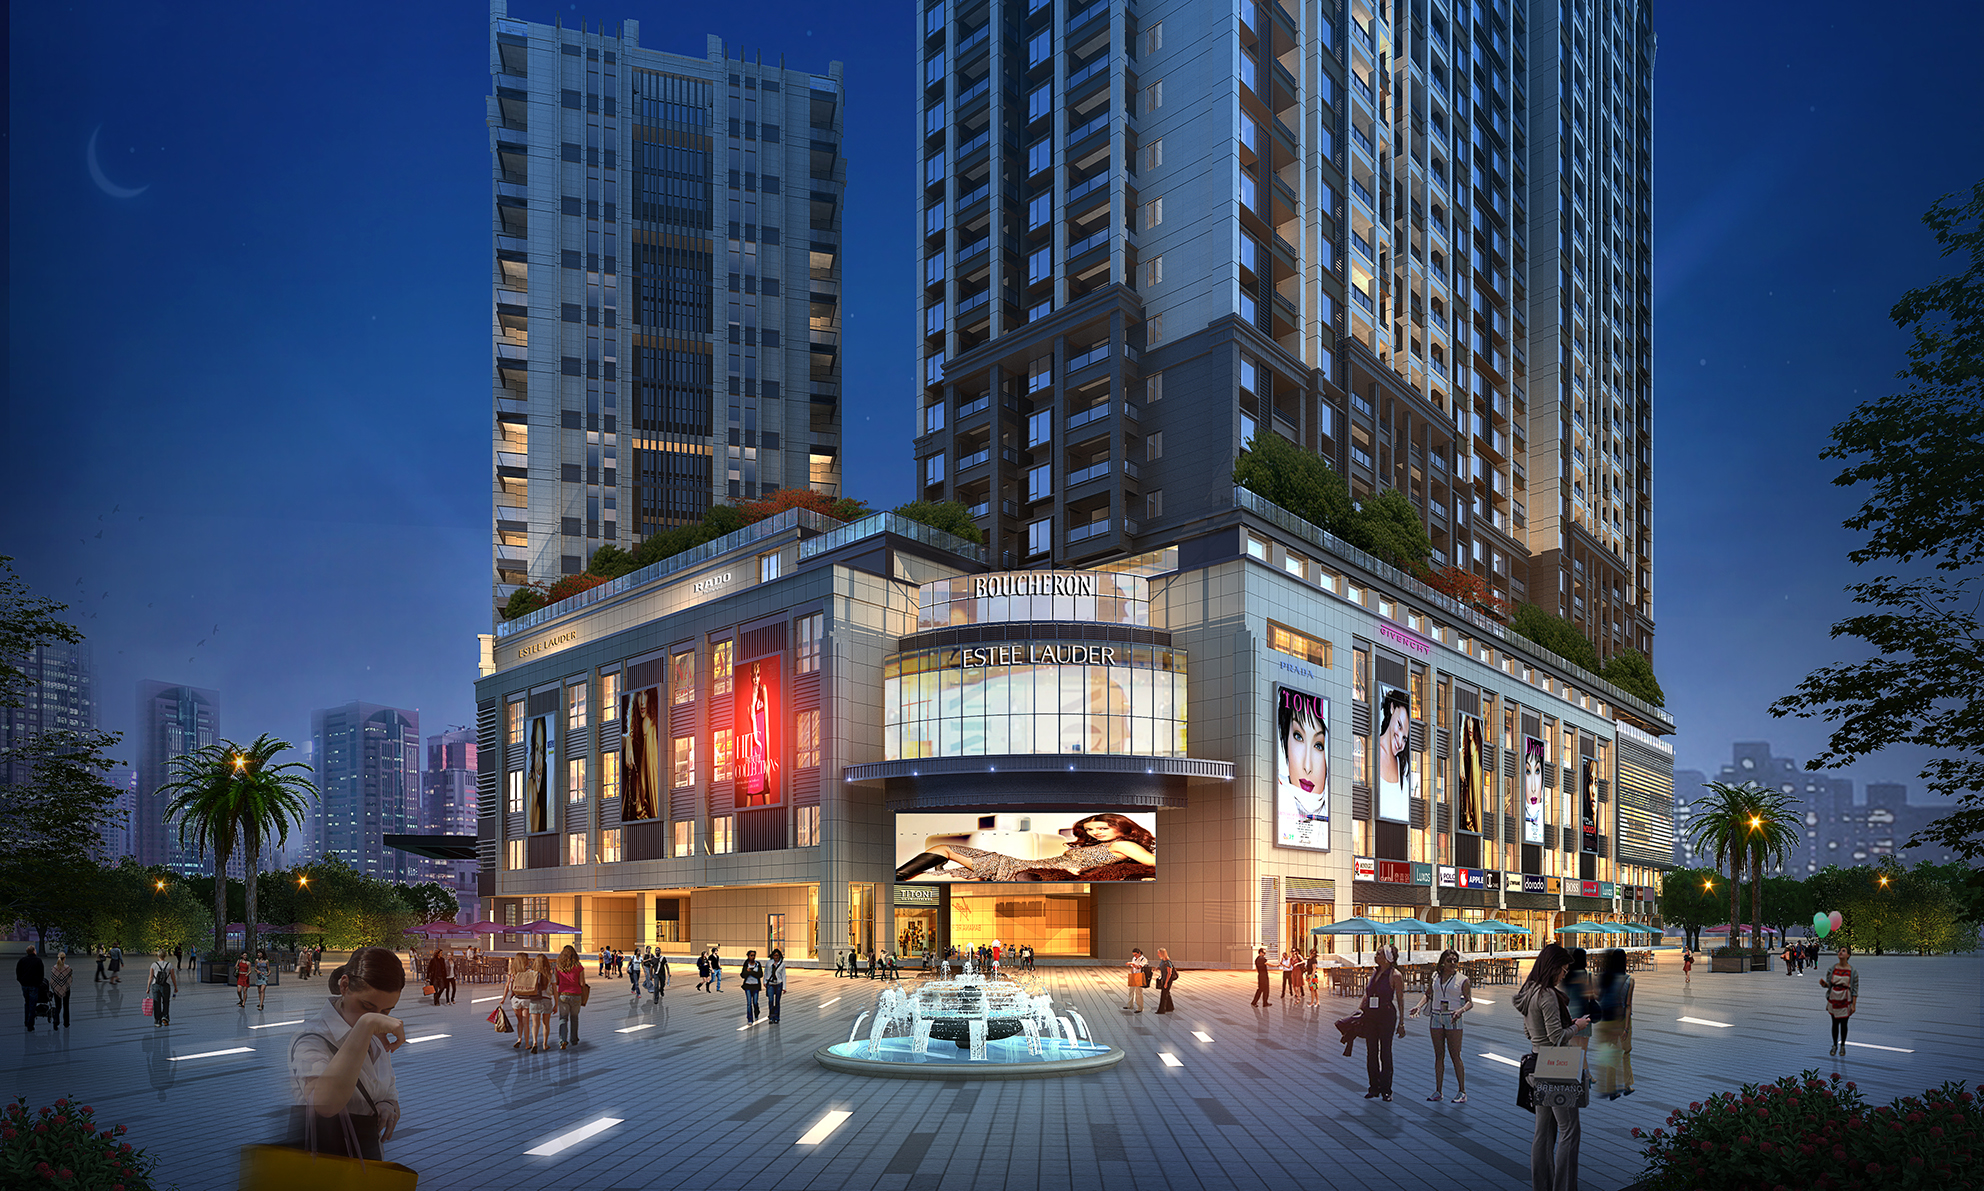 汕头东厦100购物公园